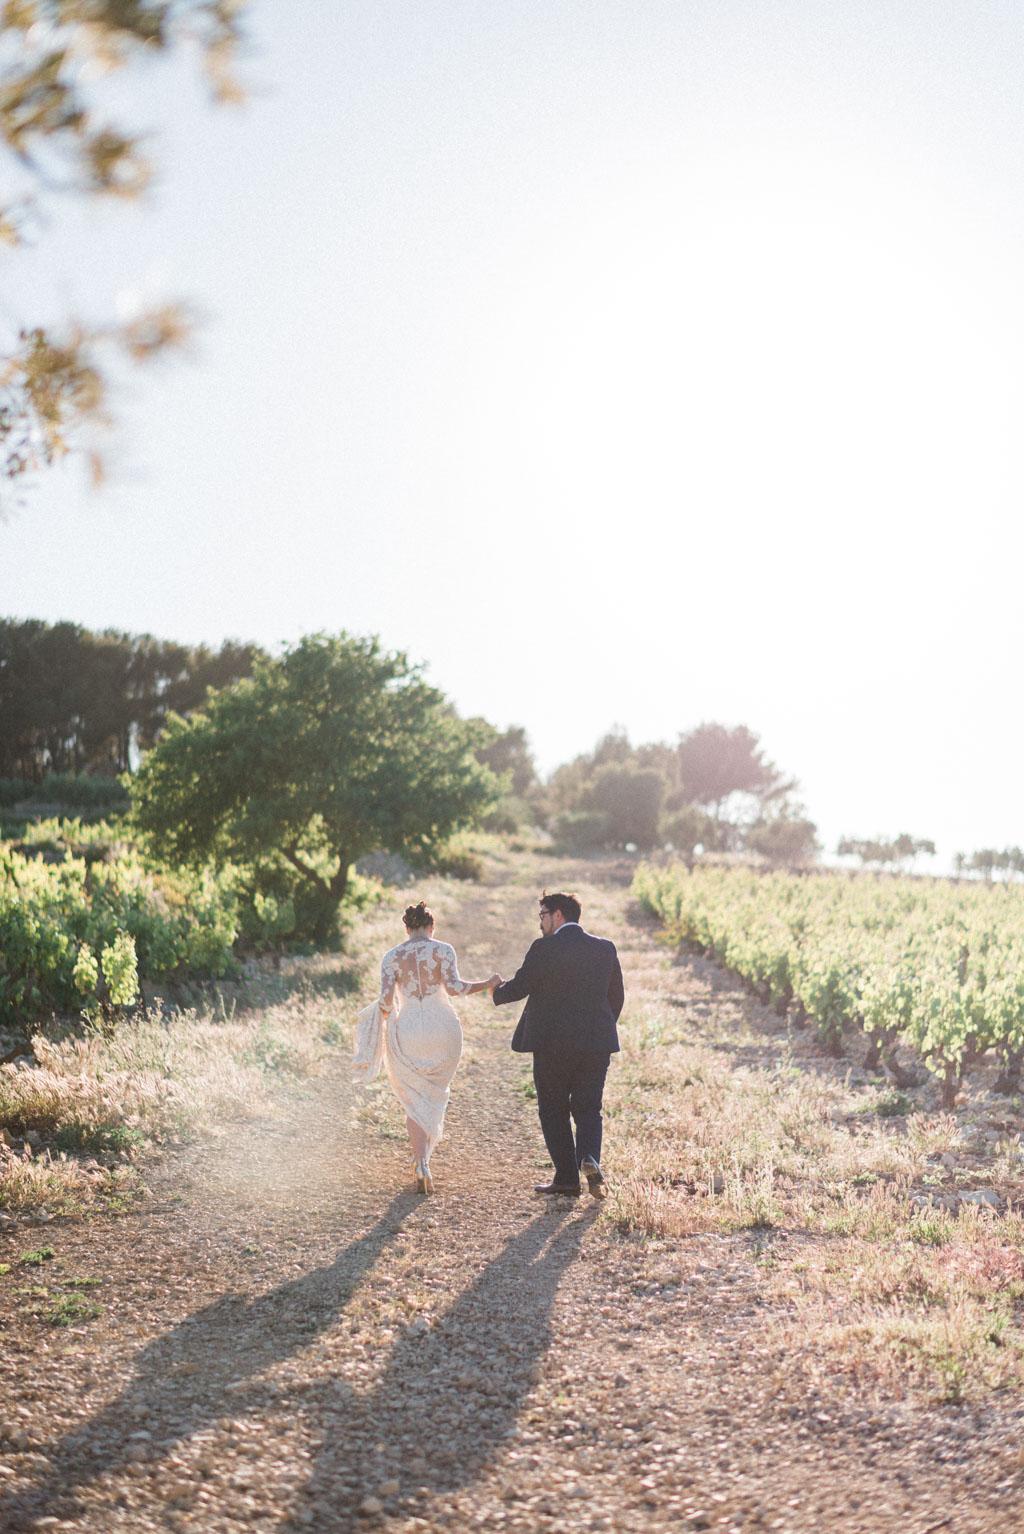 Mariage domaine de la fregate The pixel art photographe mariage provence var